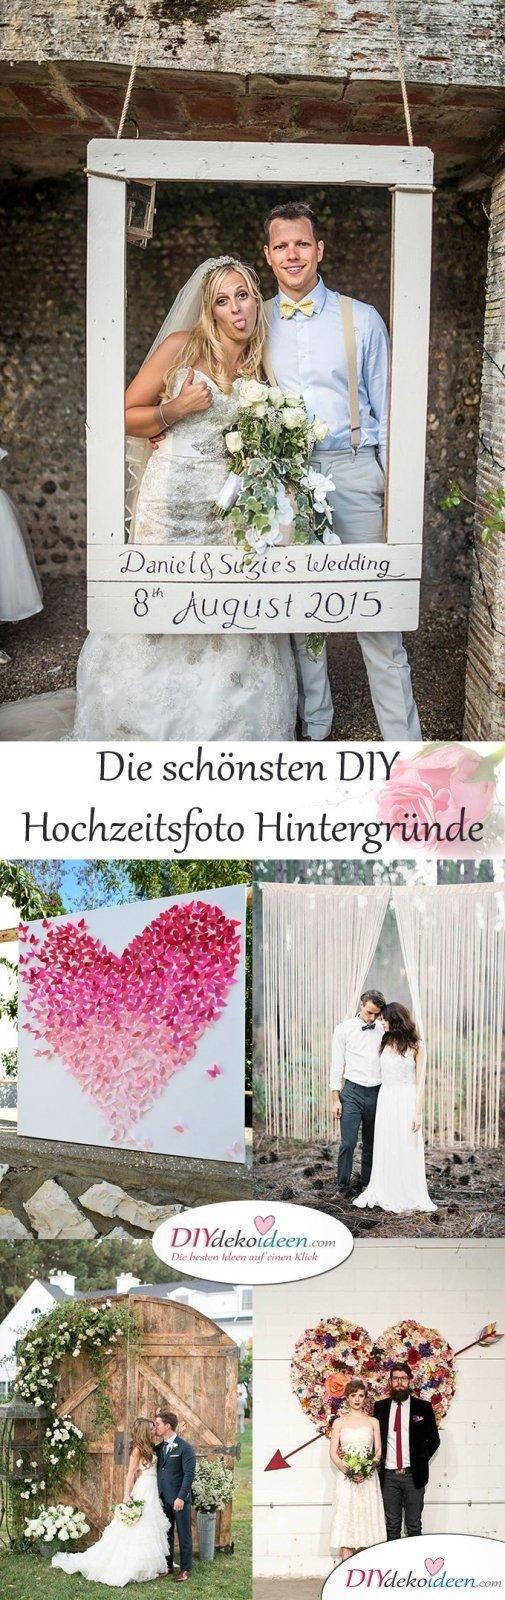 DIY Dekoideen für den perfekten Hochzeitsfoto Hintergrund